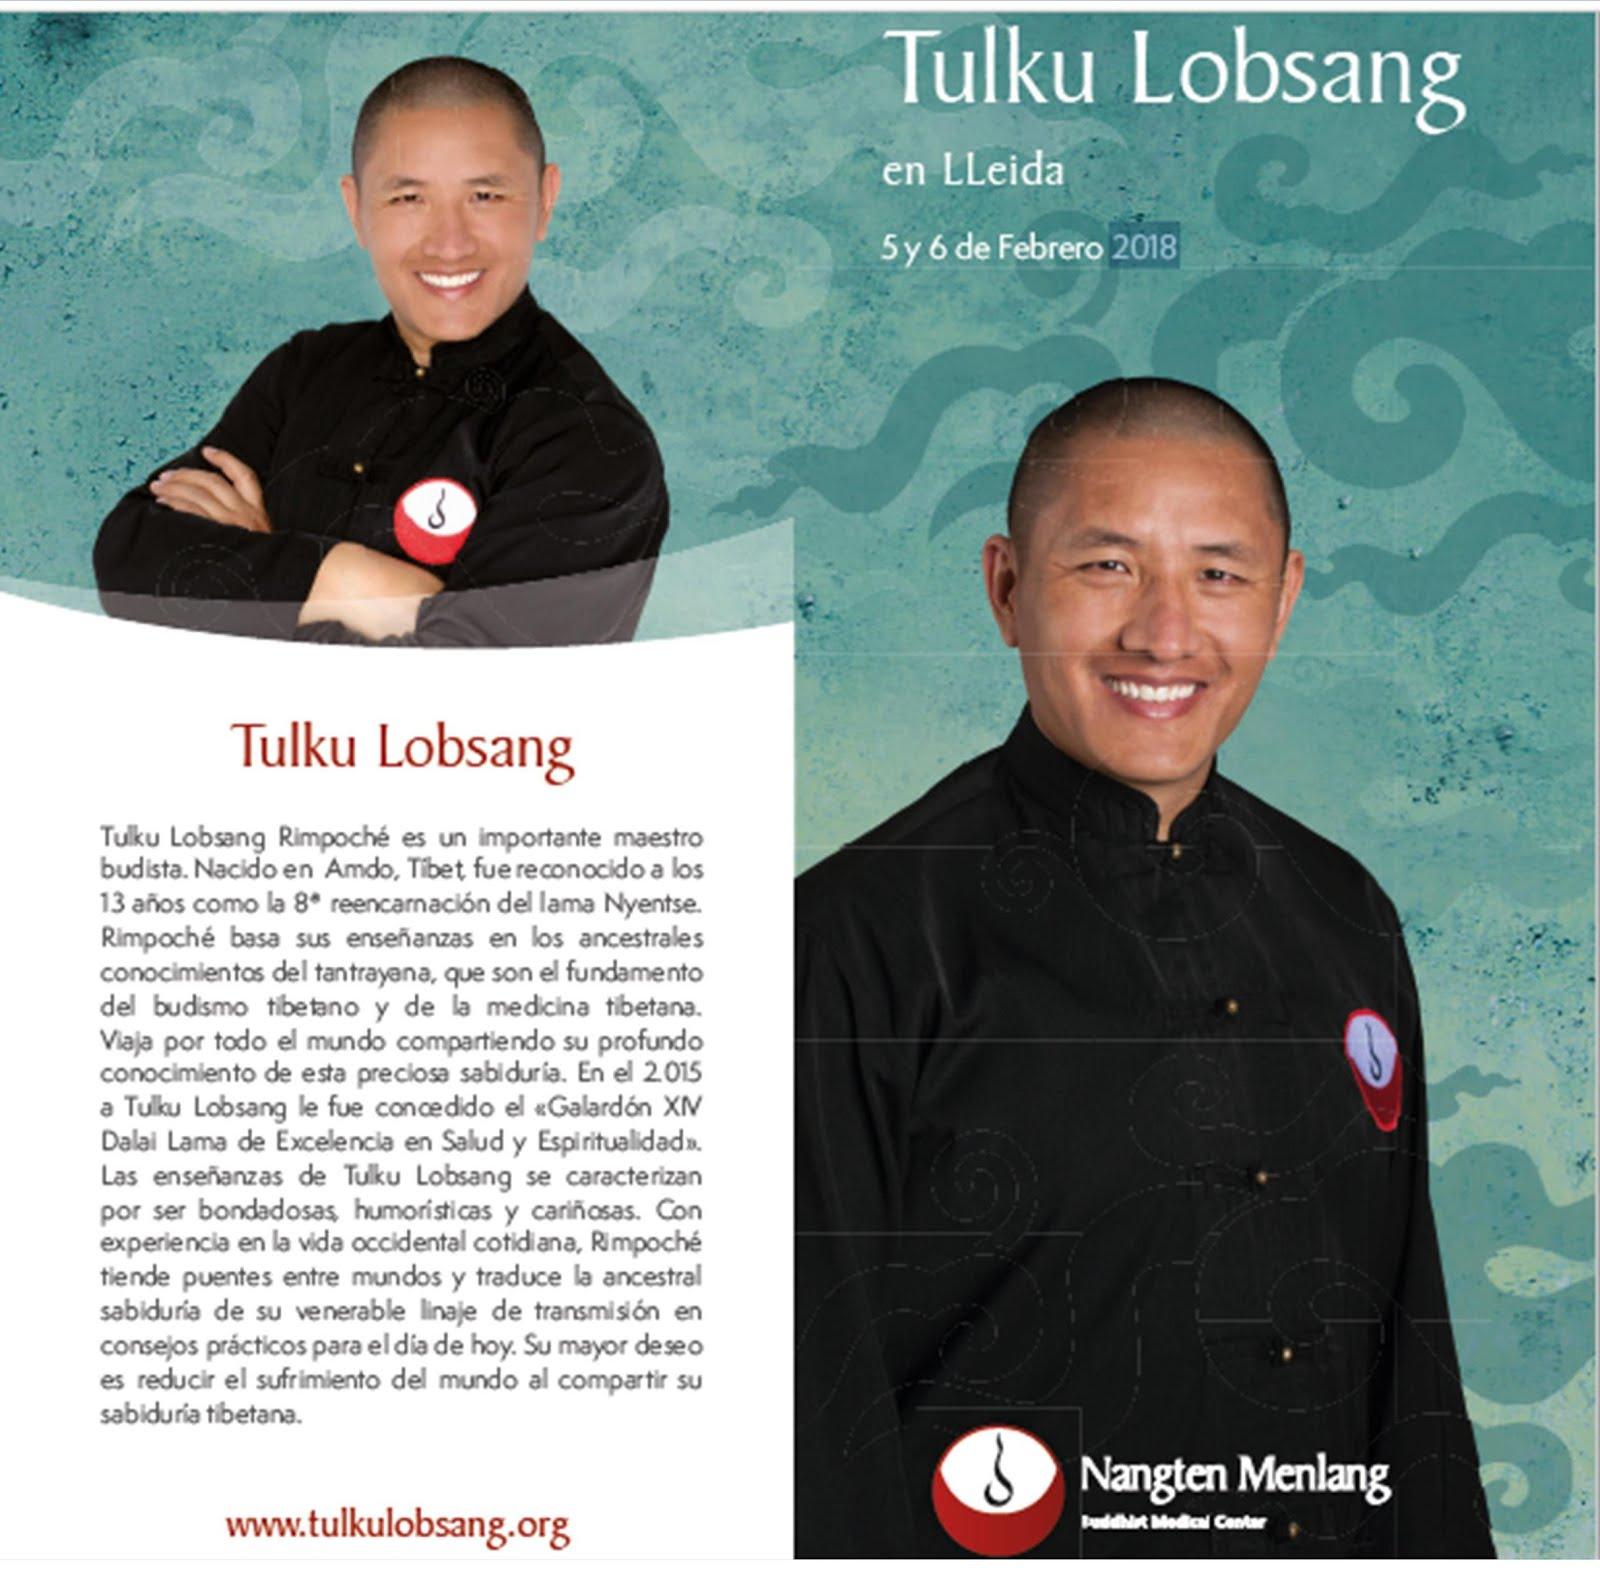 Tulku Lobsang en Lleida 5/6 febrero 2018